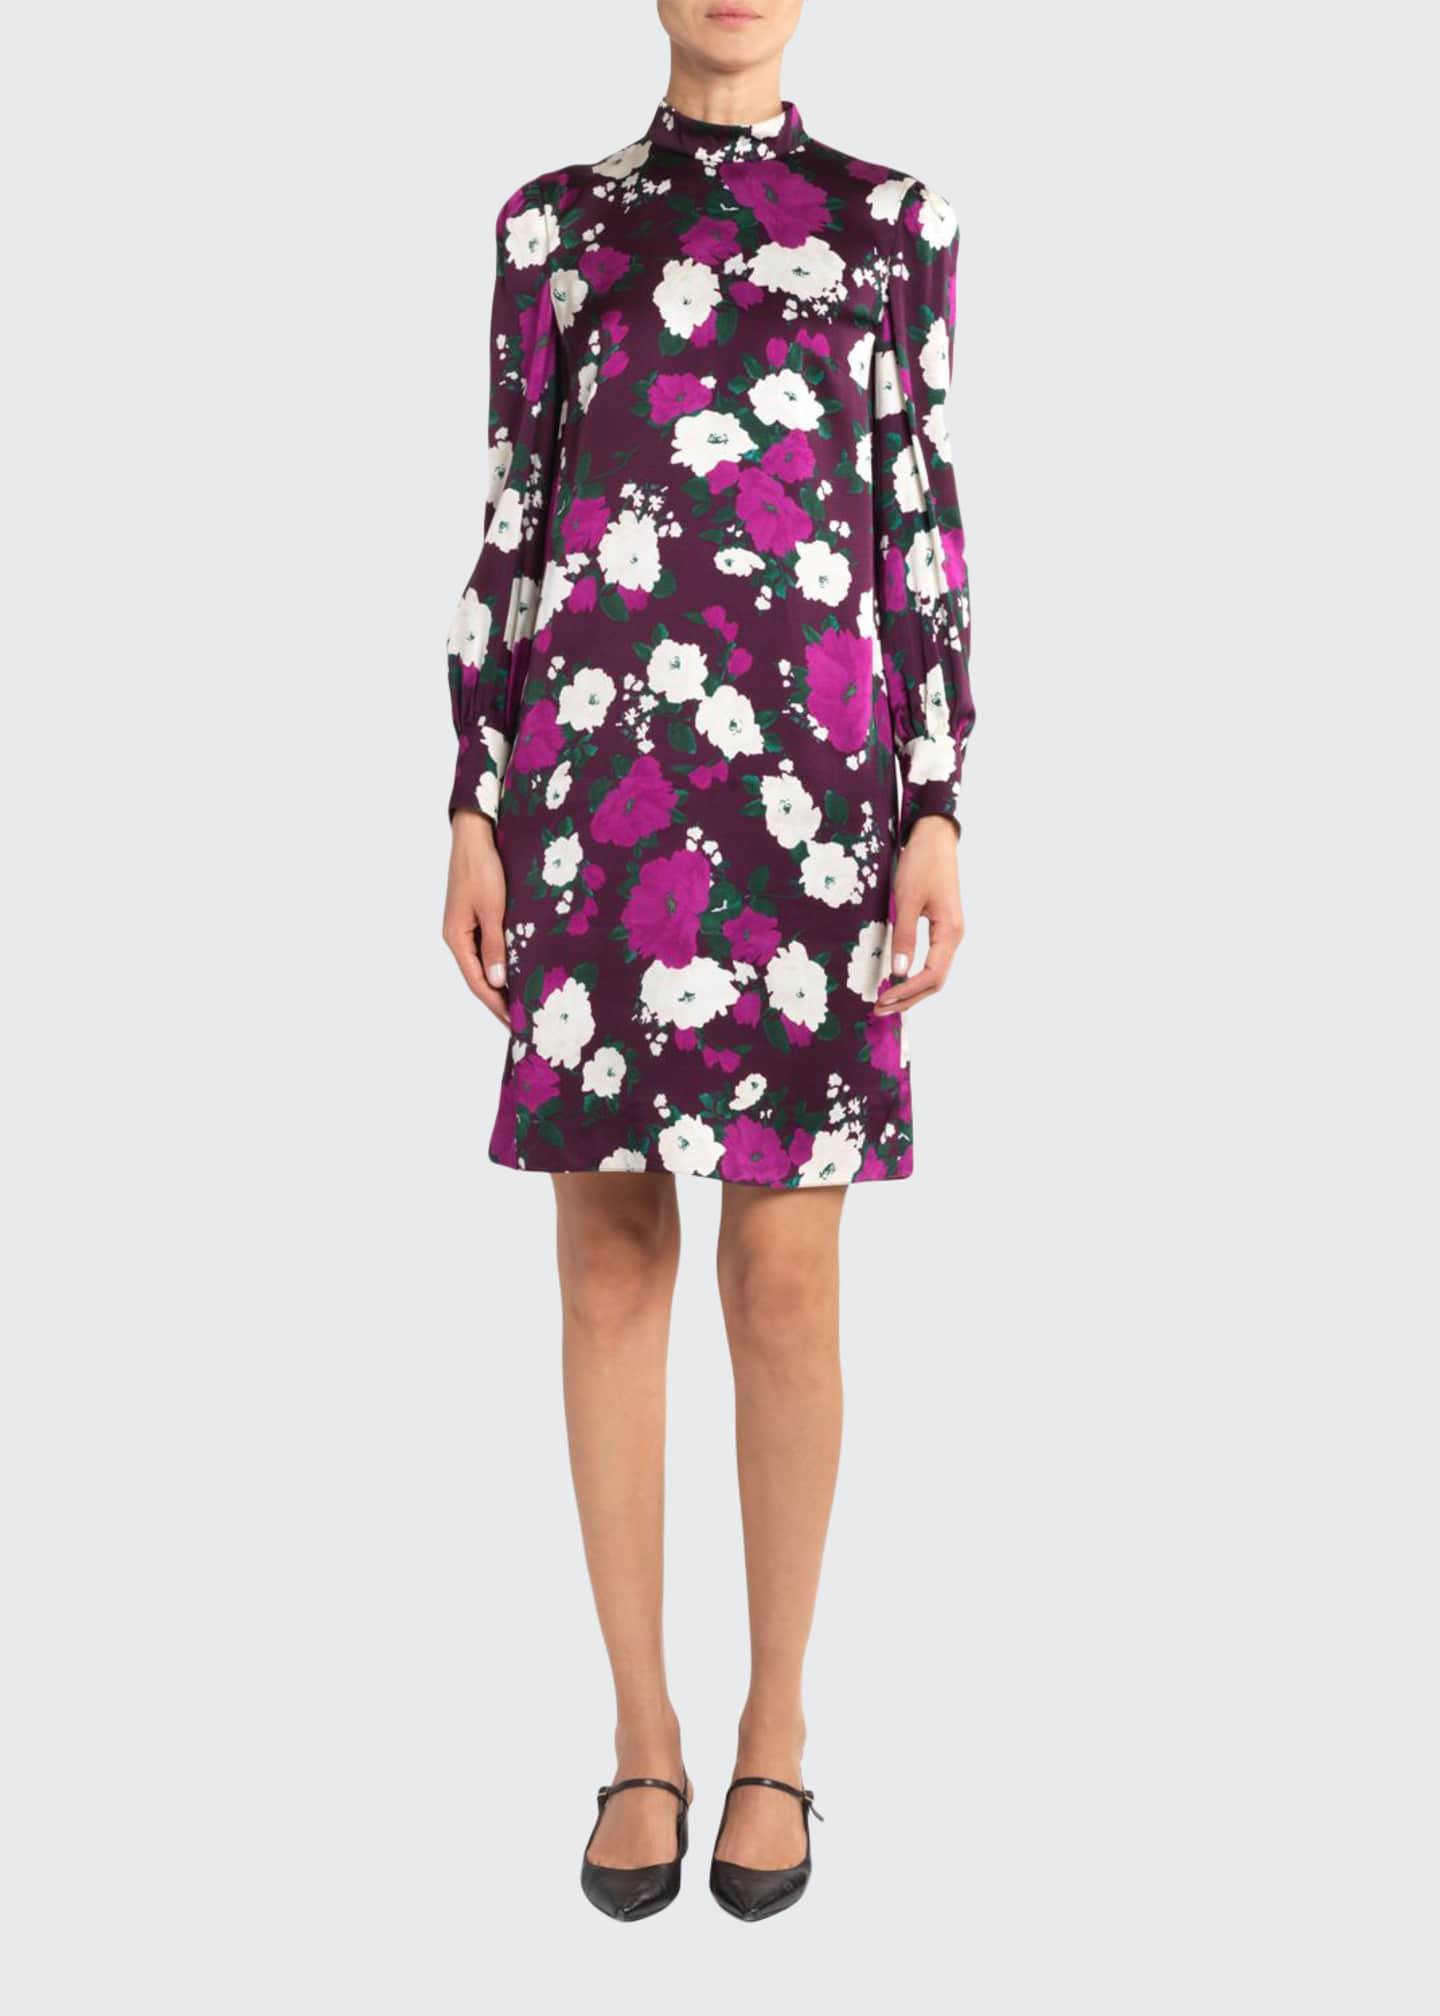 Erdem Floral Satin Long-Sleeve Shift Dress